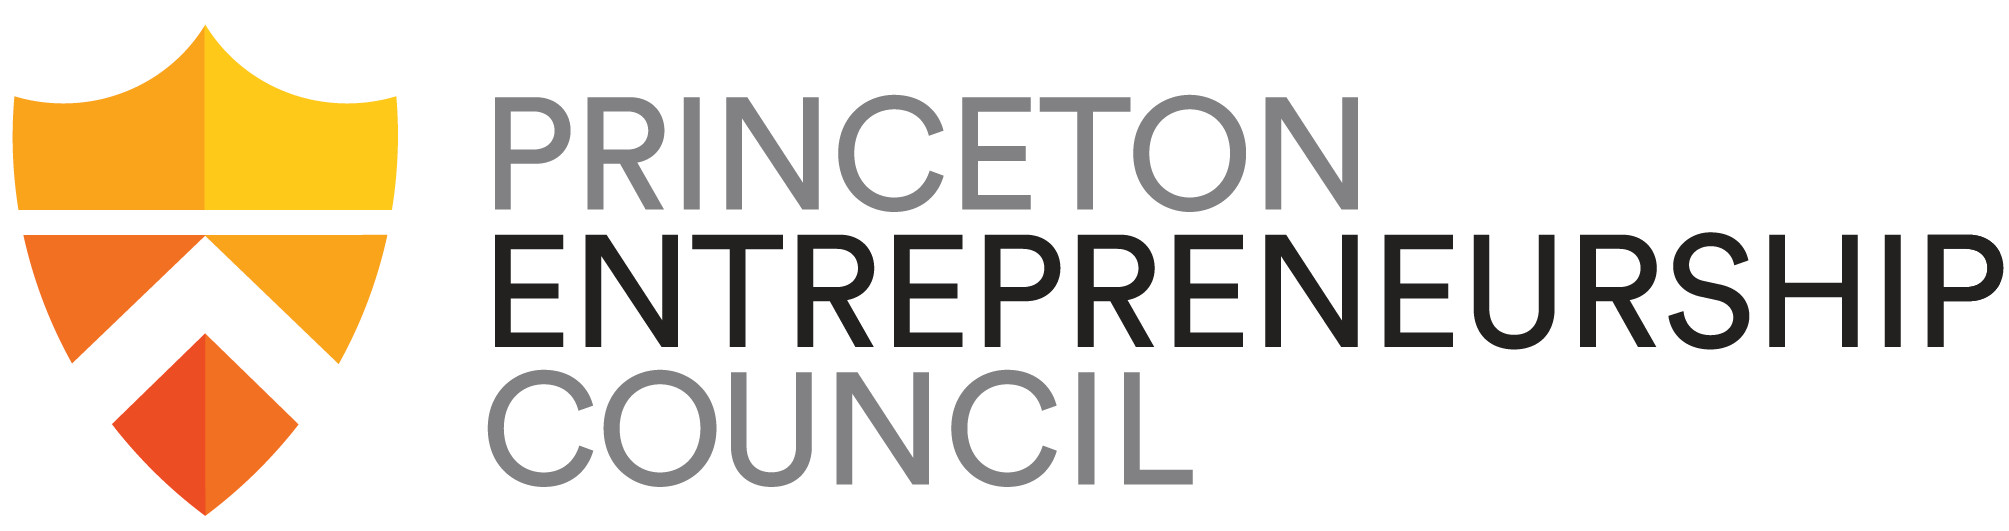 Princeton Entrepreneurship Council logo